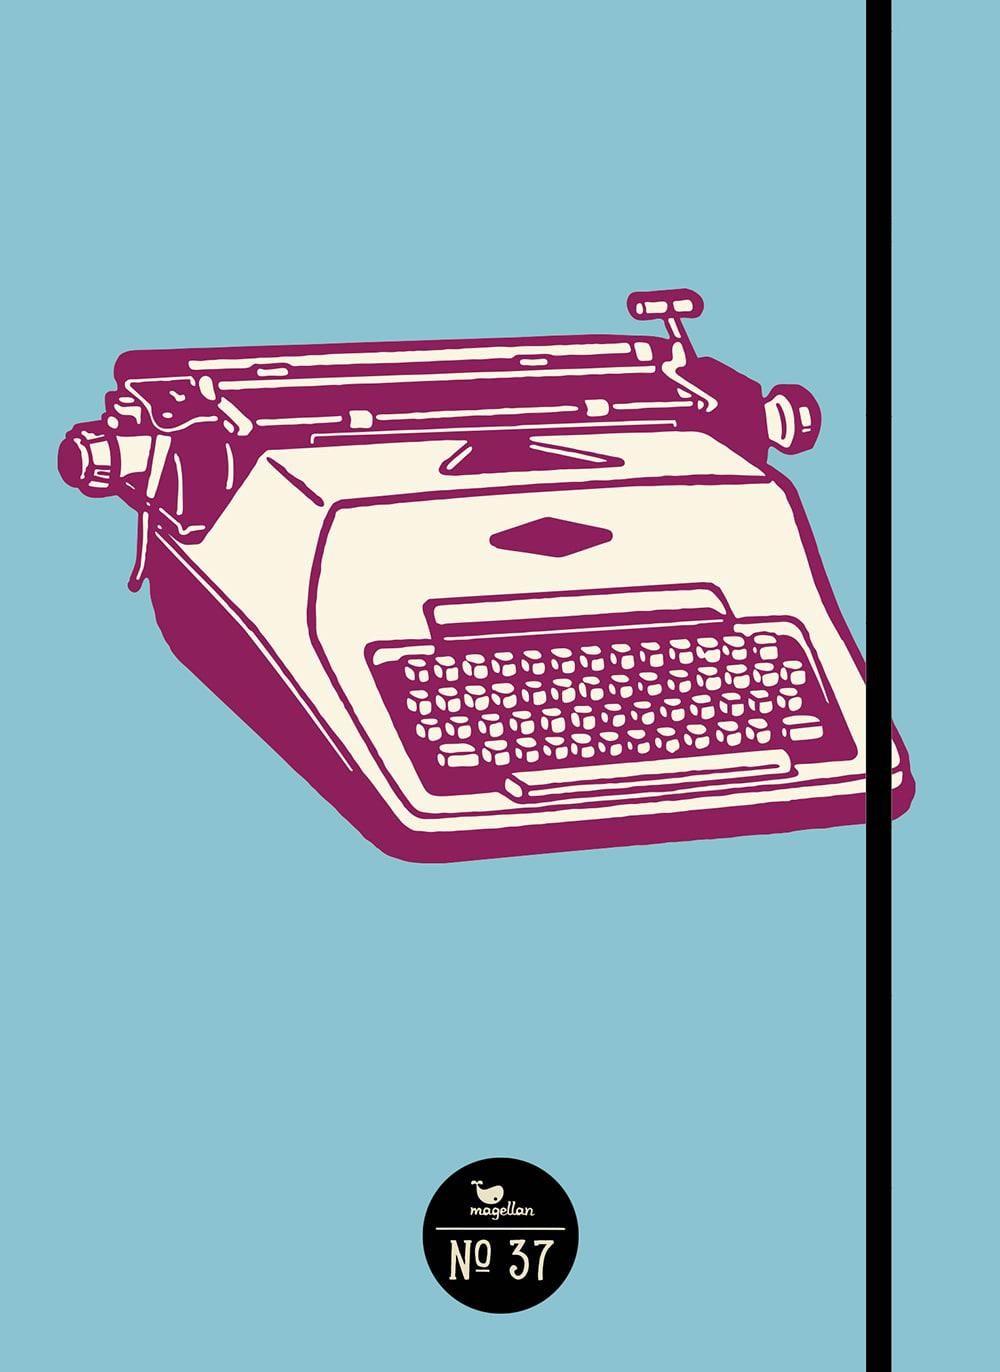 Notizbuch No. 37 - Schreibmaschine